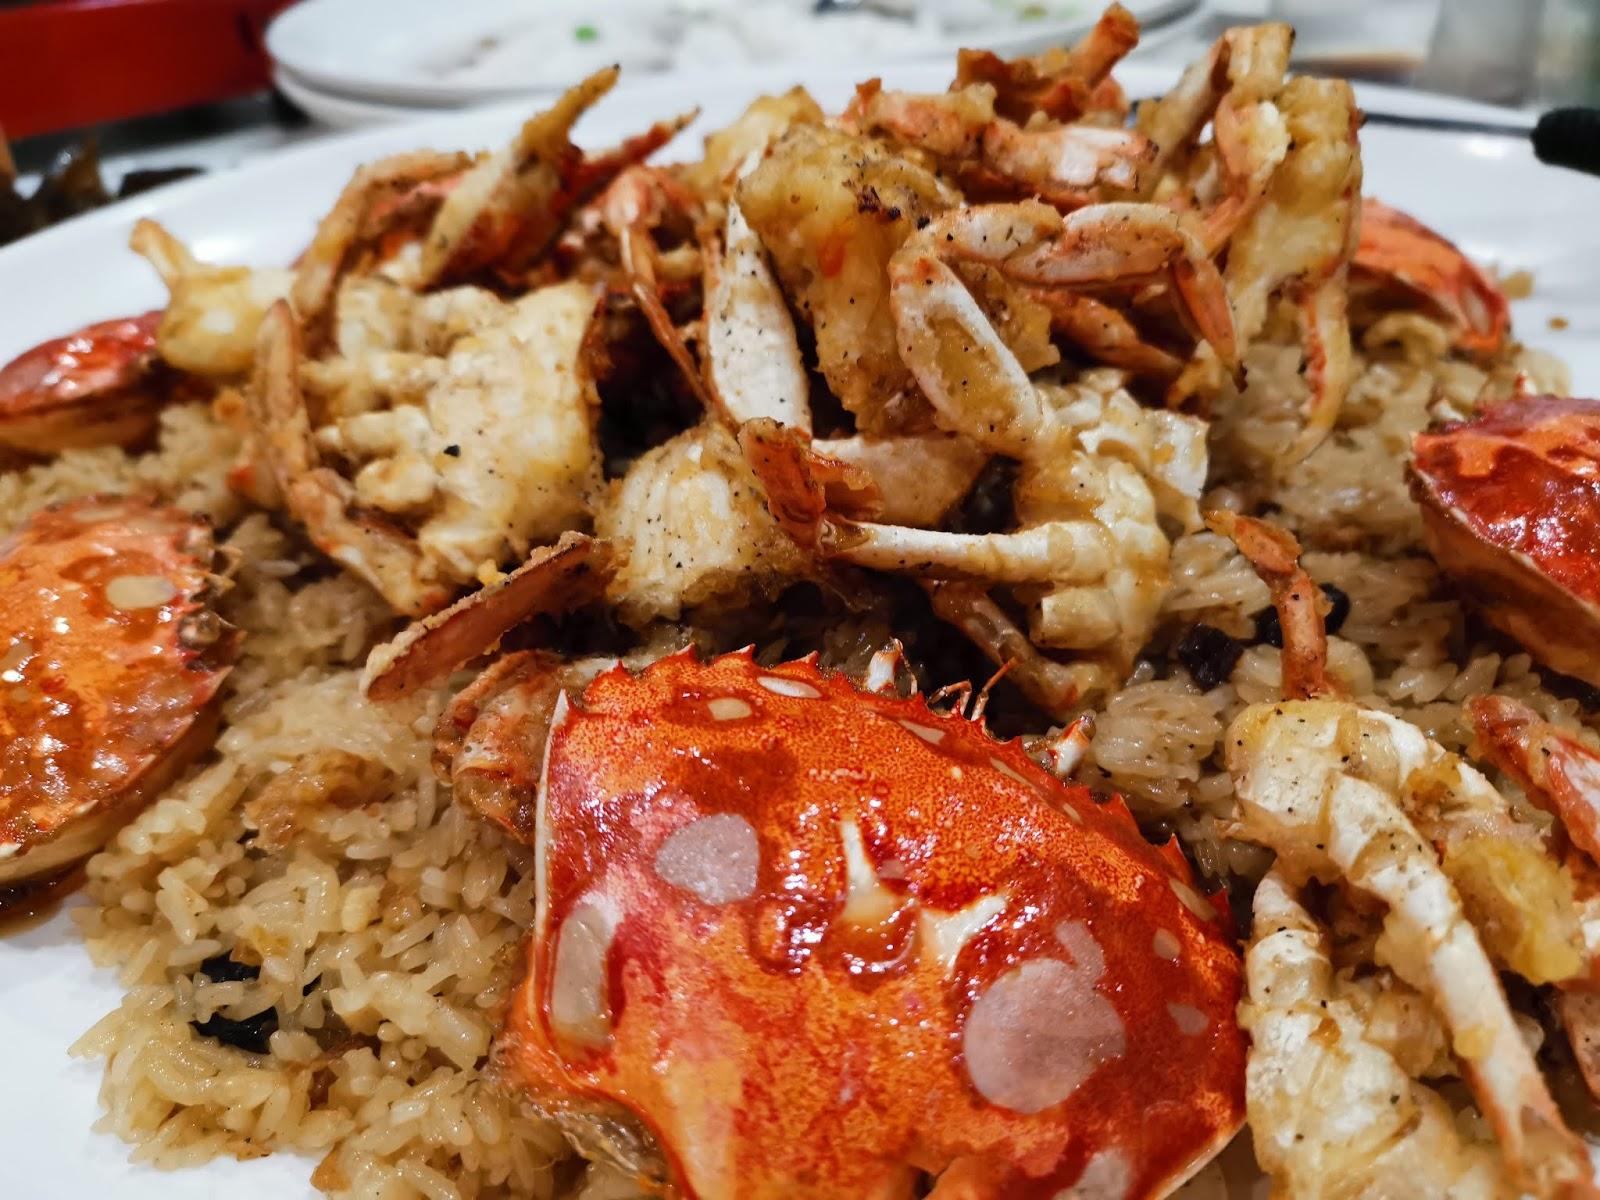 基隆港海產樓螃蟹油飯